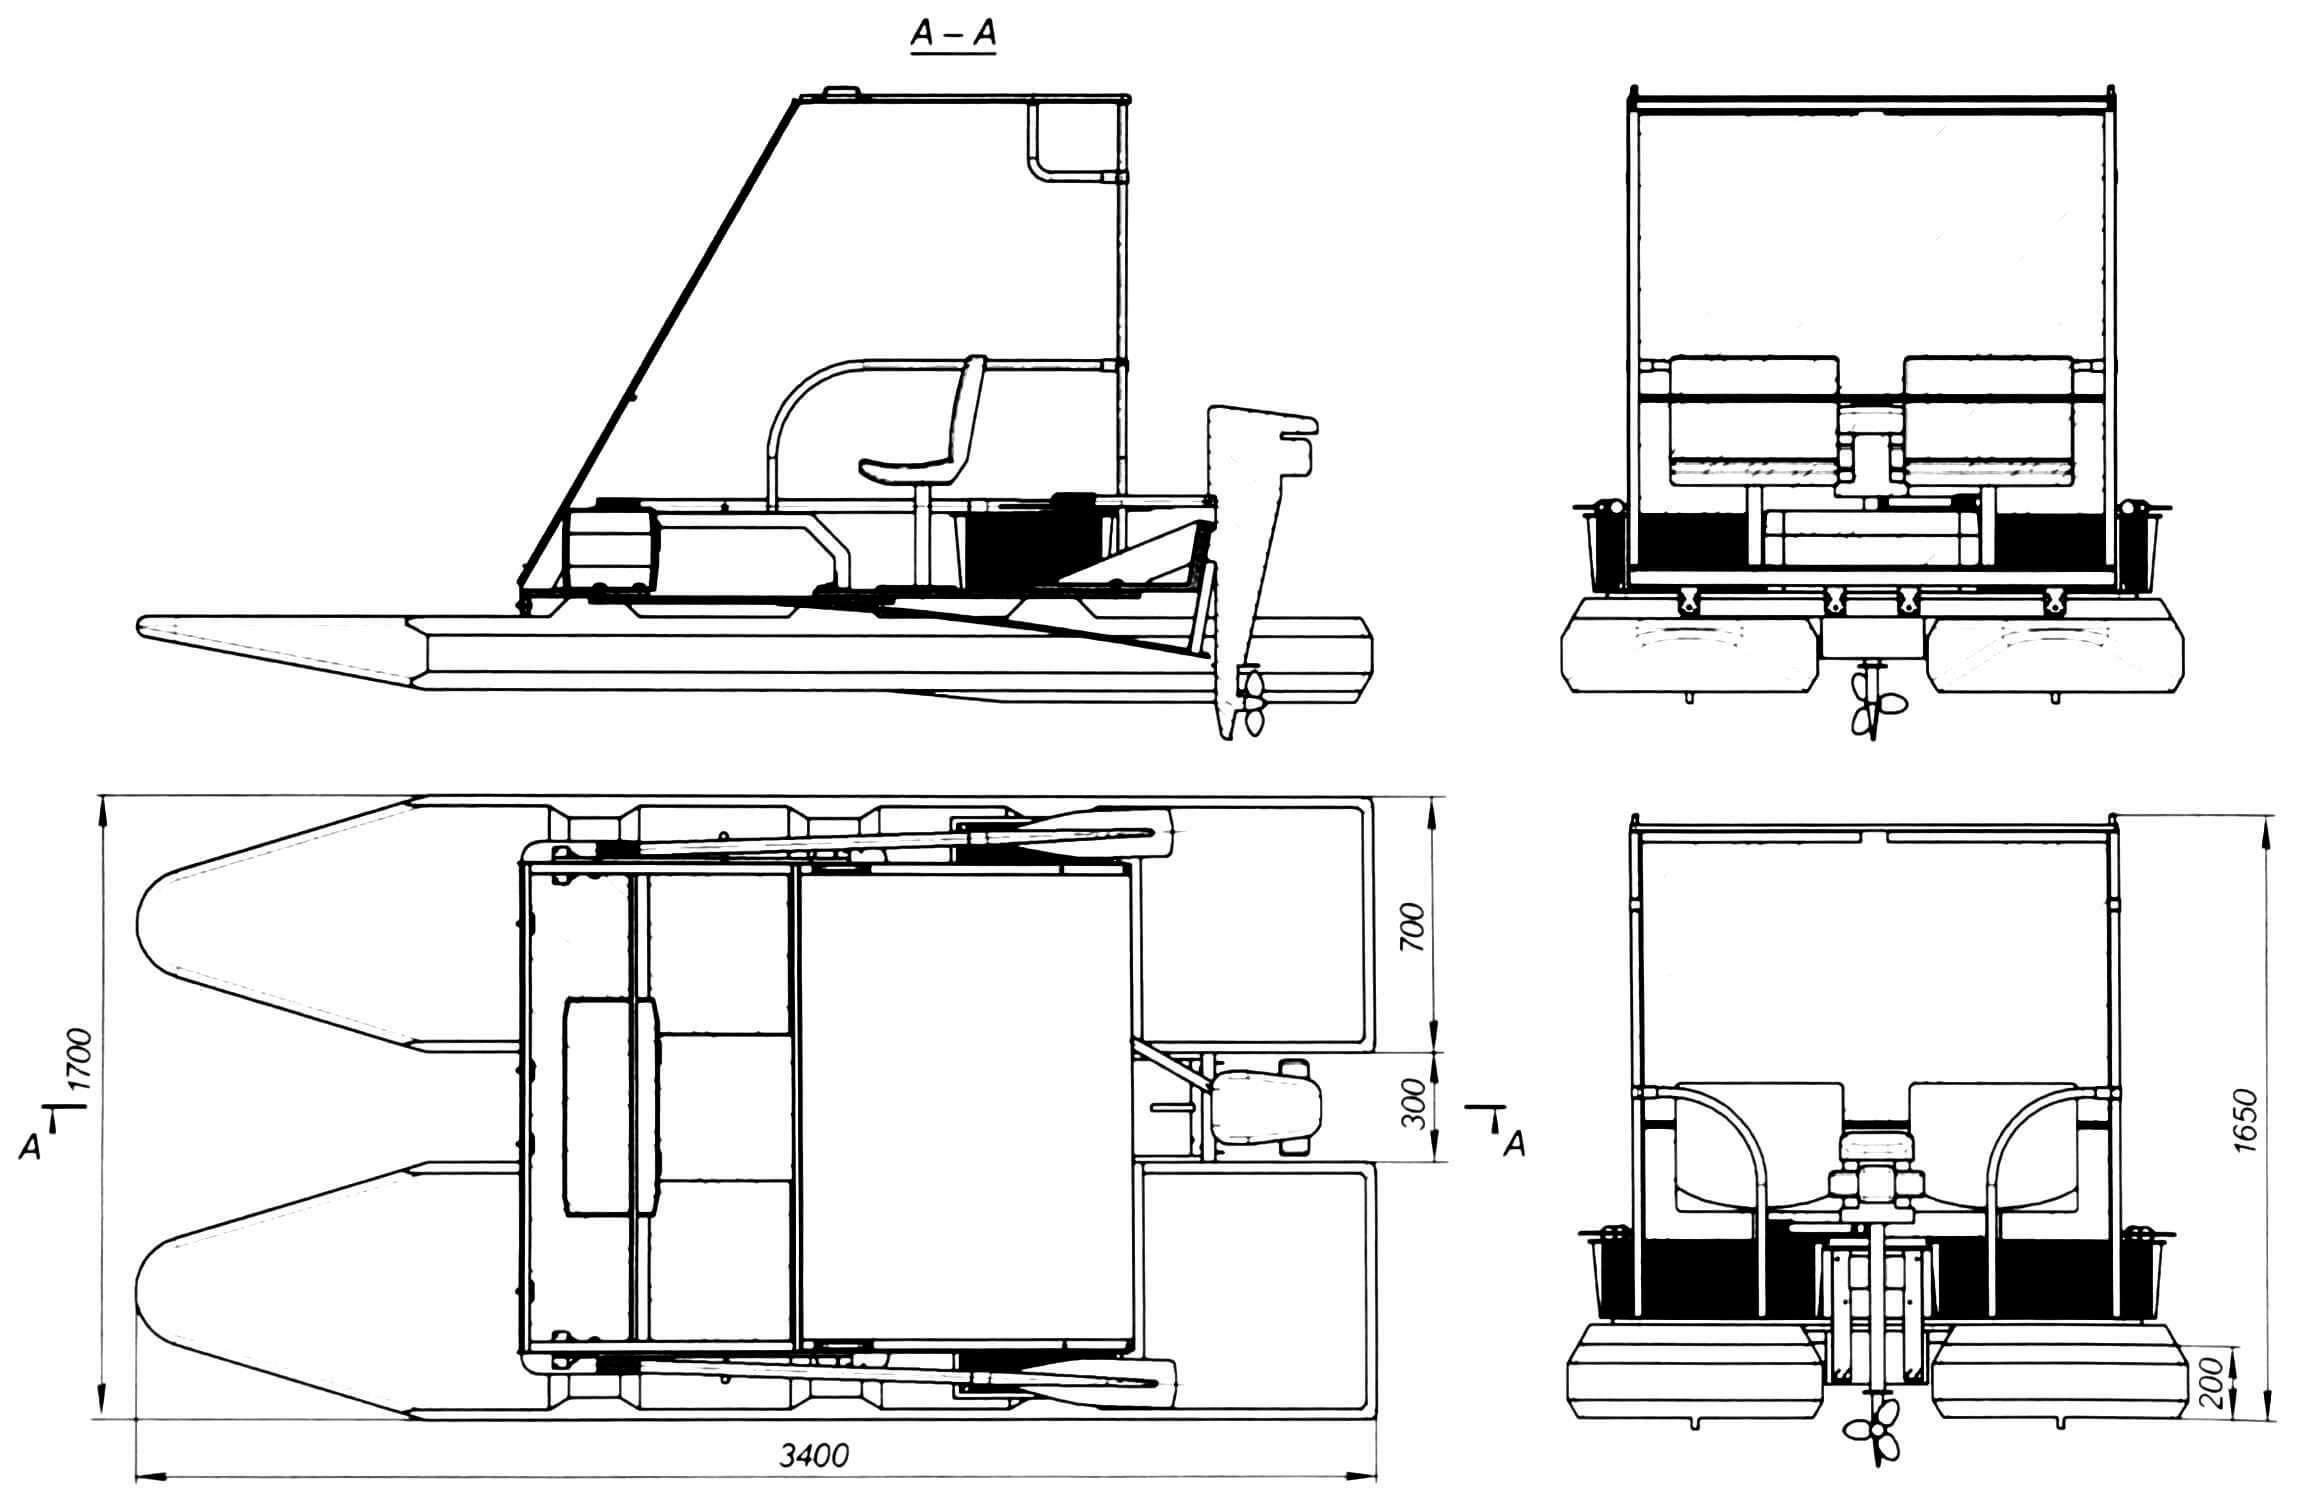 Двухместный катамаран со складной кабиной